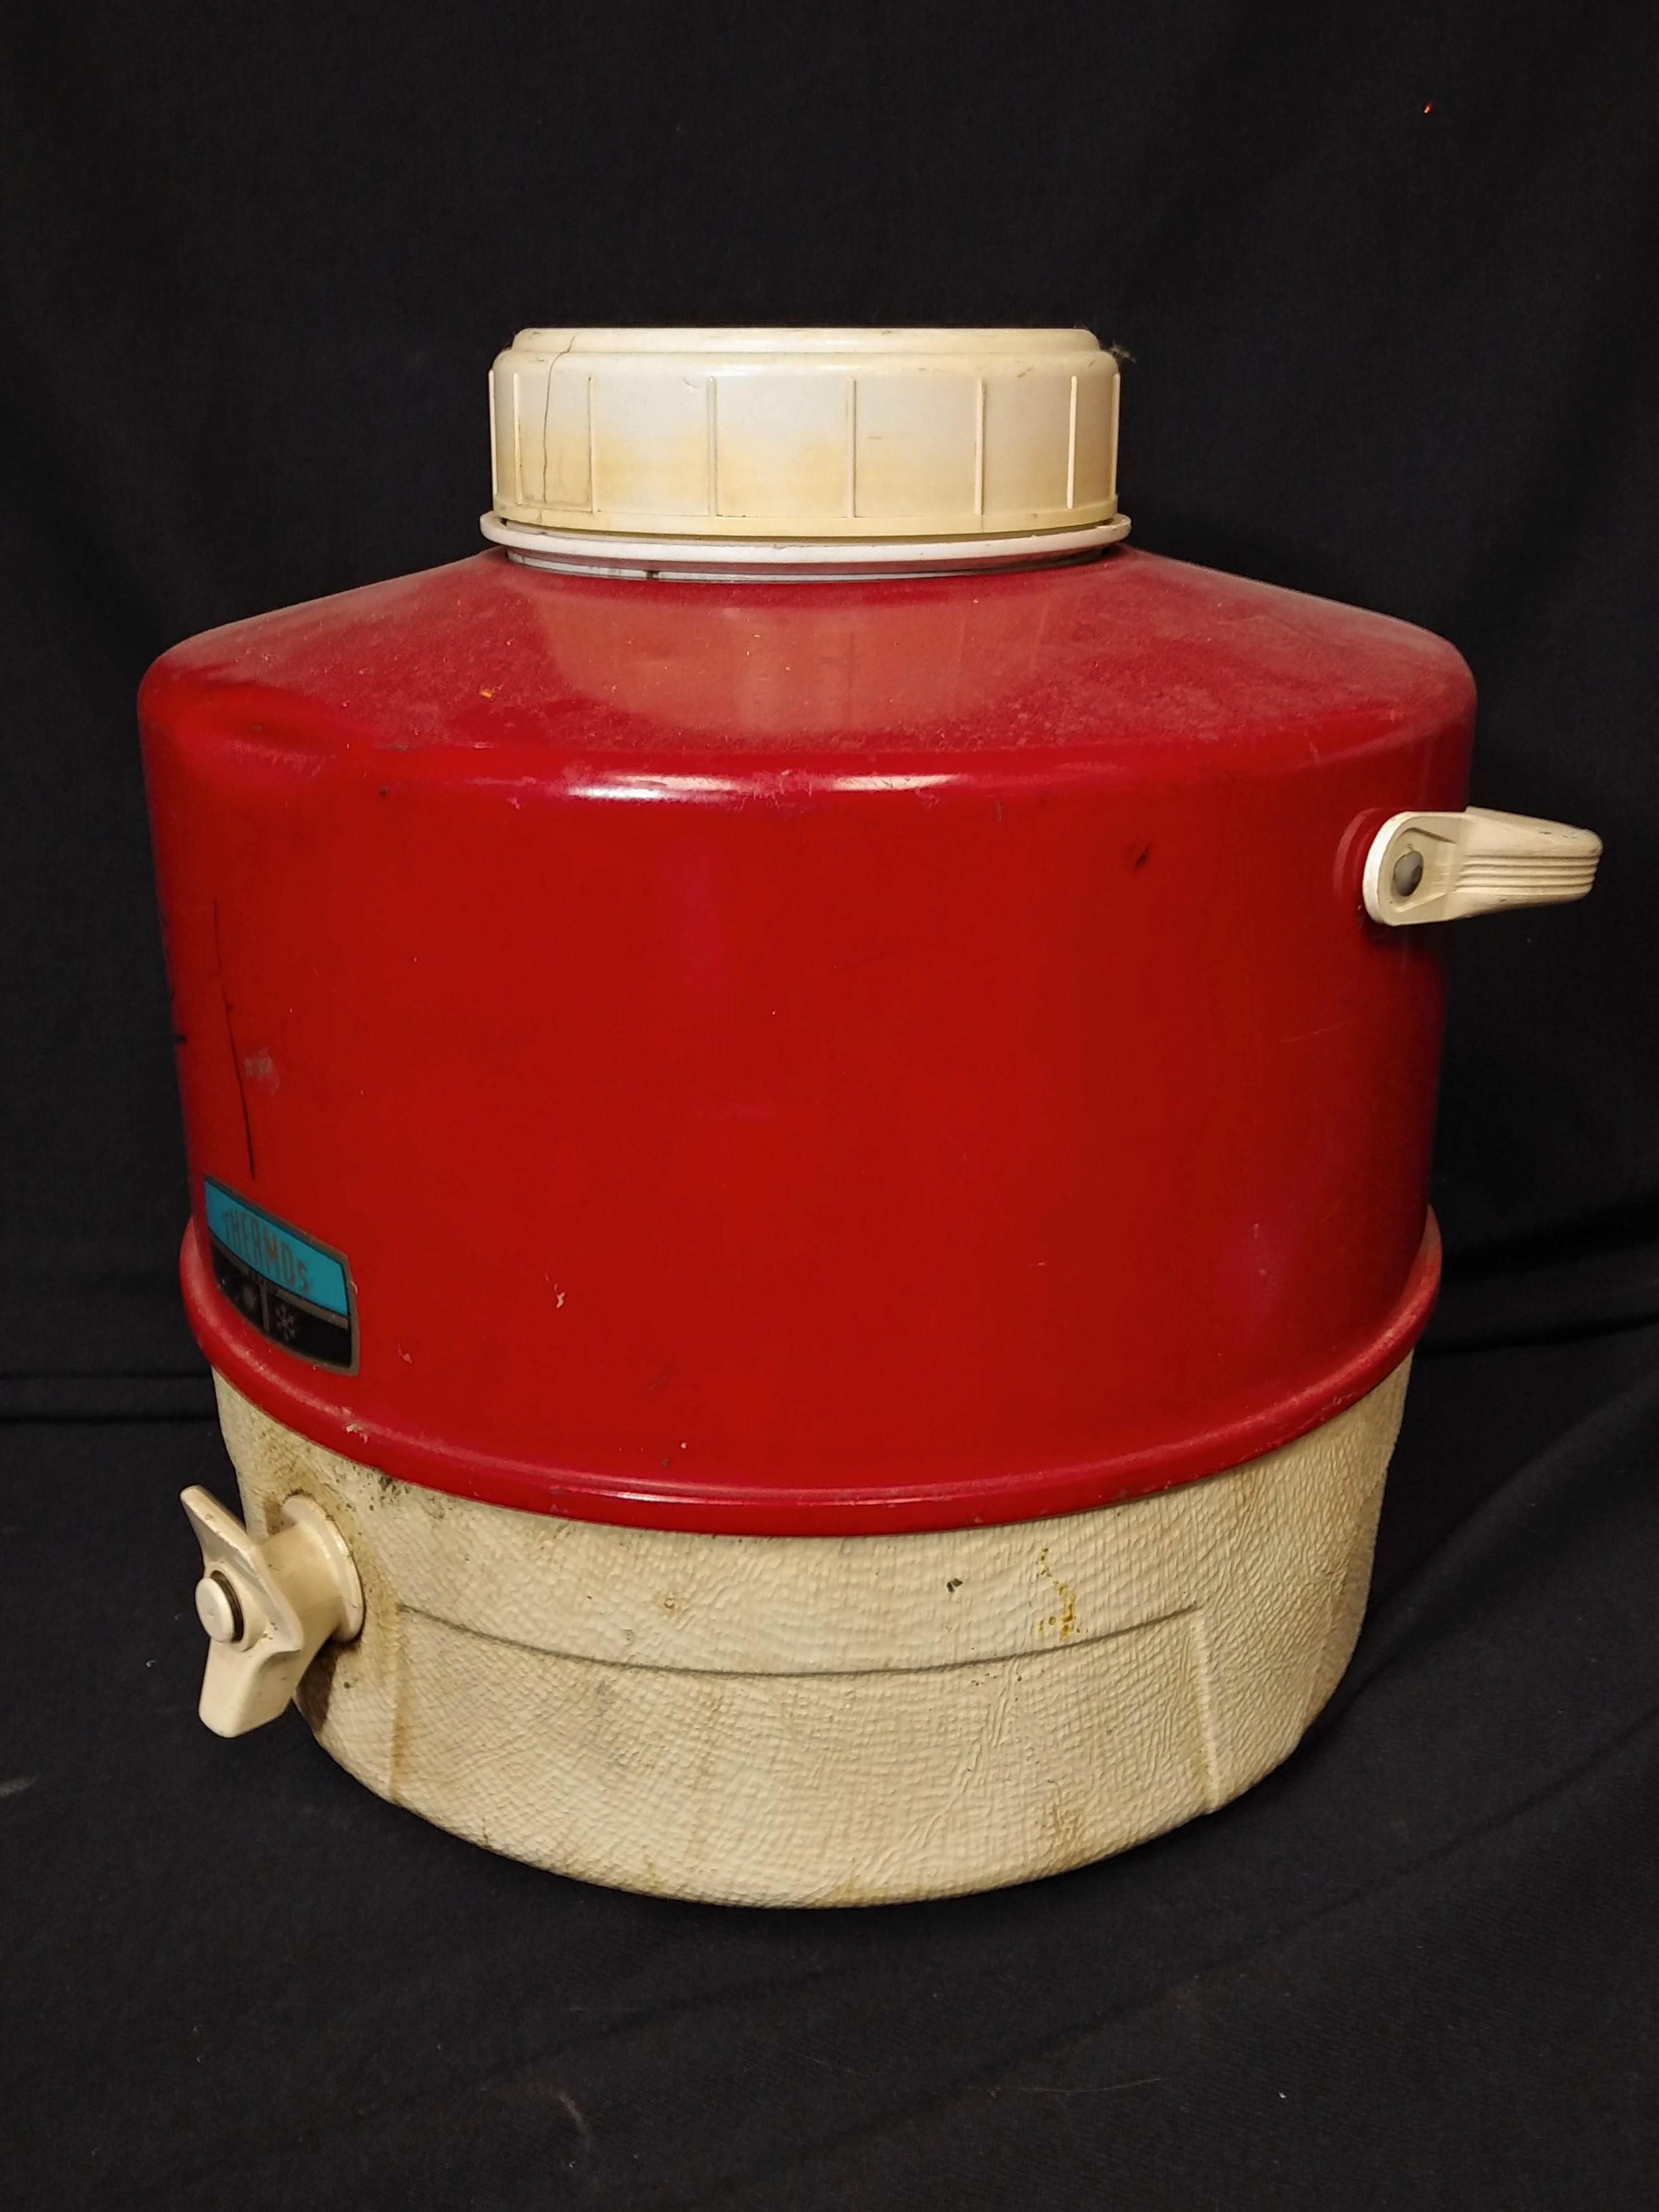 Thermos Jug Cooler - vintage